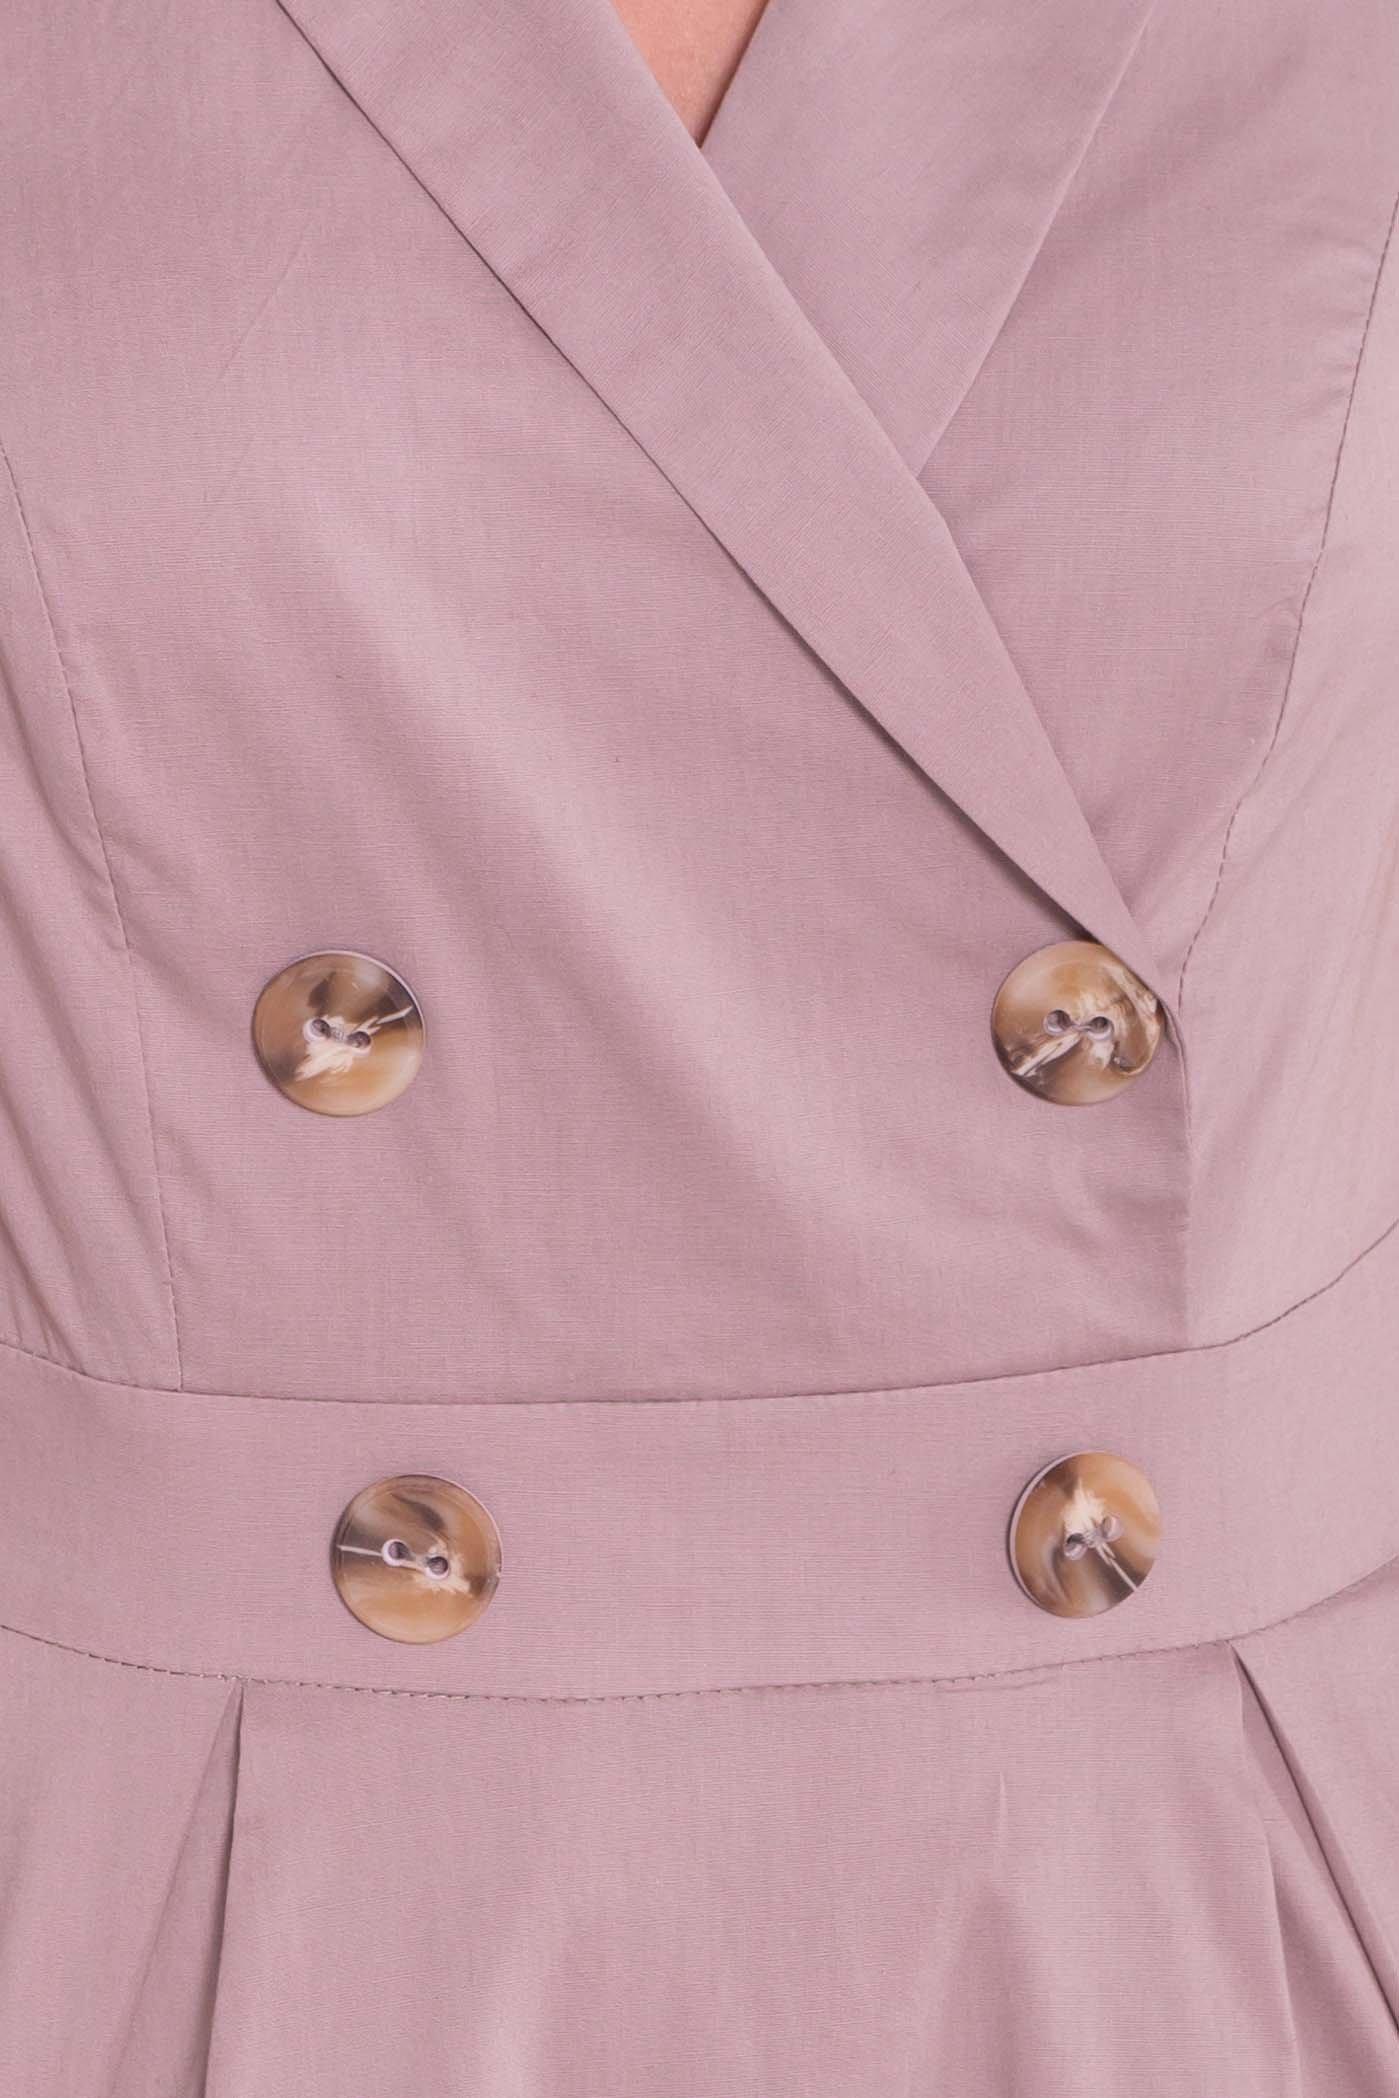 Платье Артего 7440 АРТ. 43226 Цвет: Бежевый - фото 4, интернет магазин tm-modus.ru